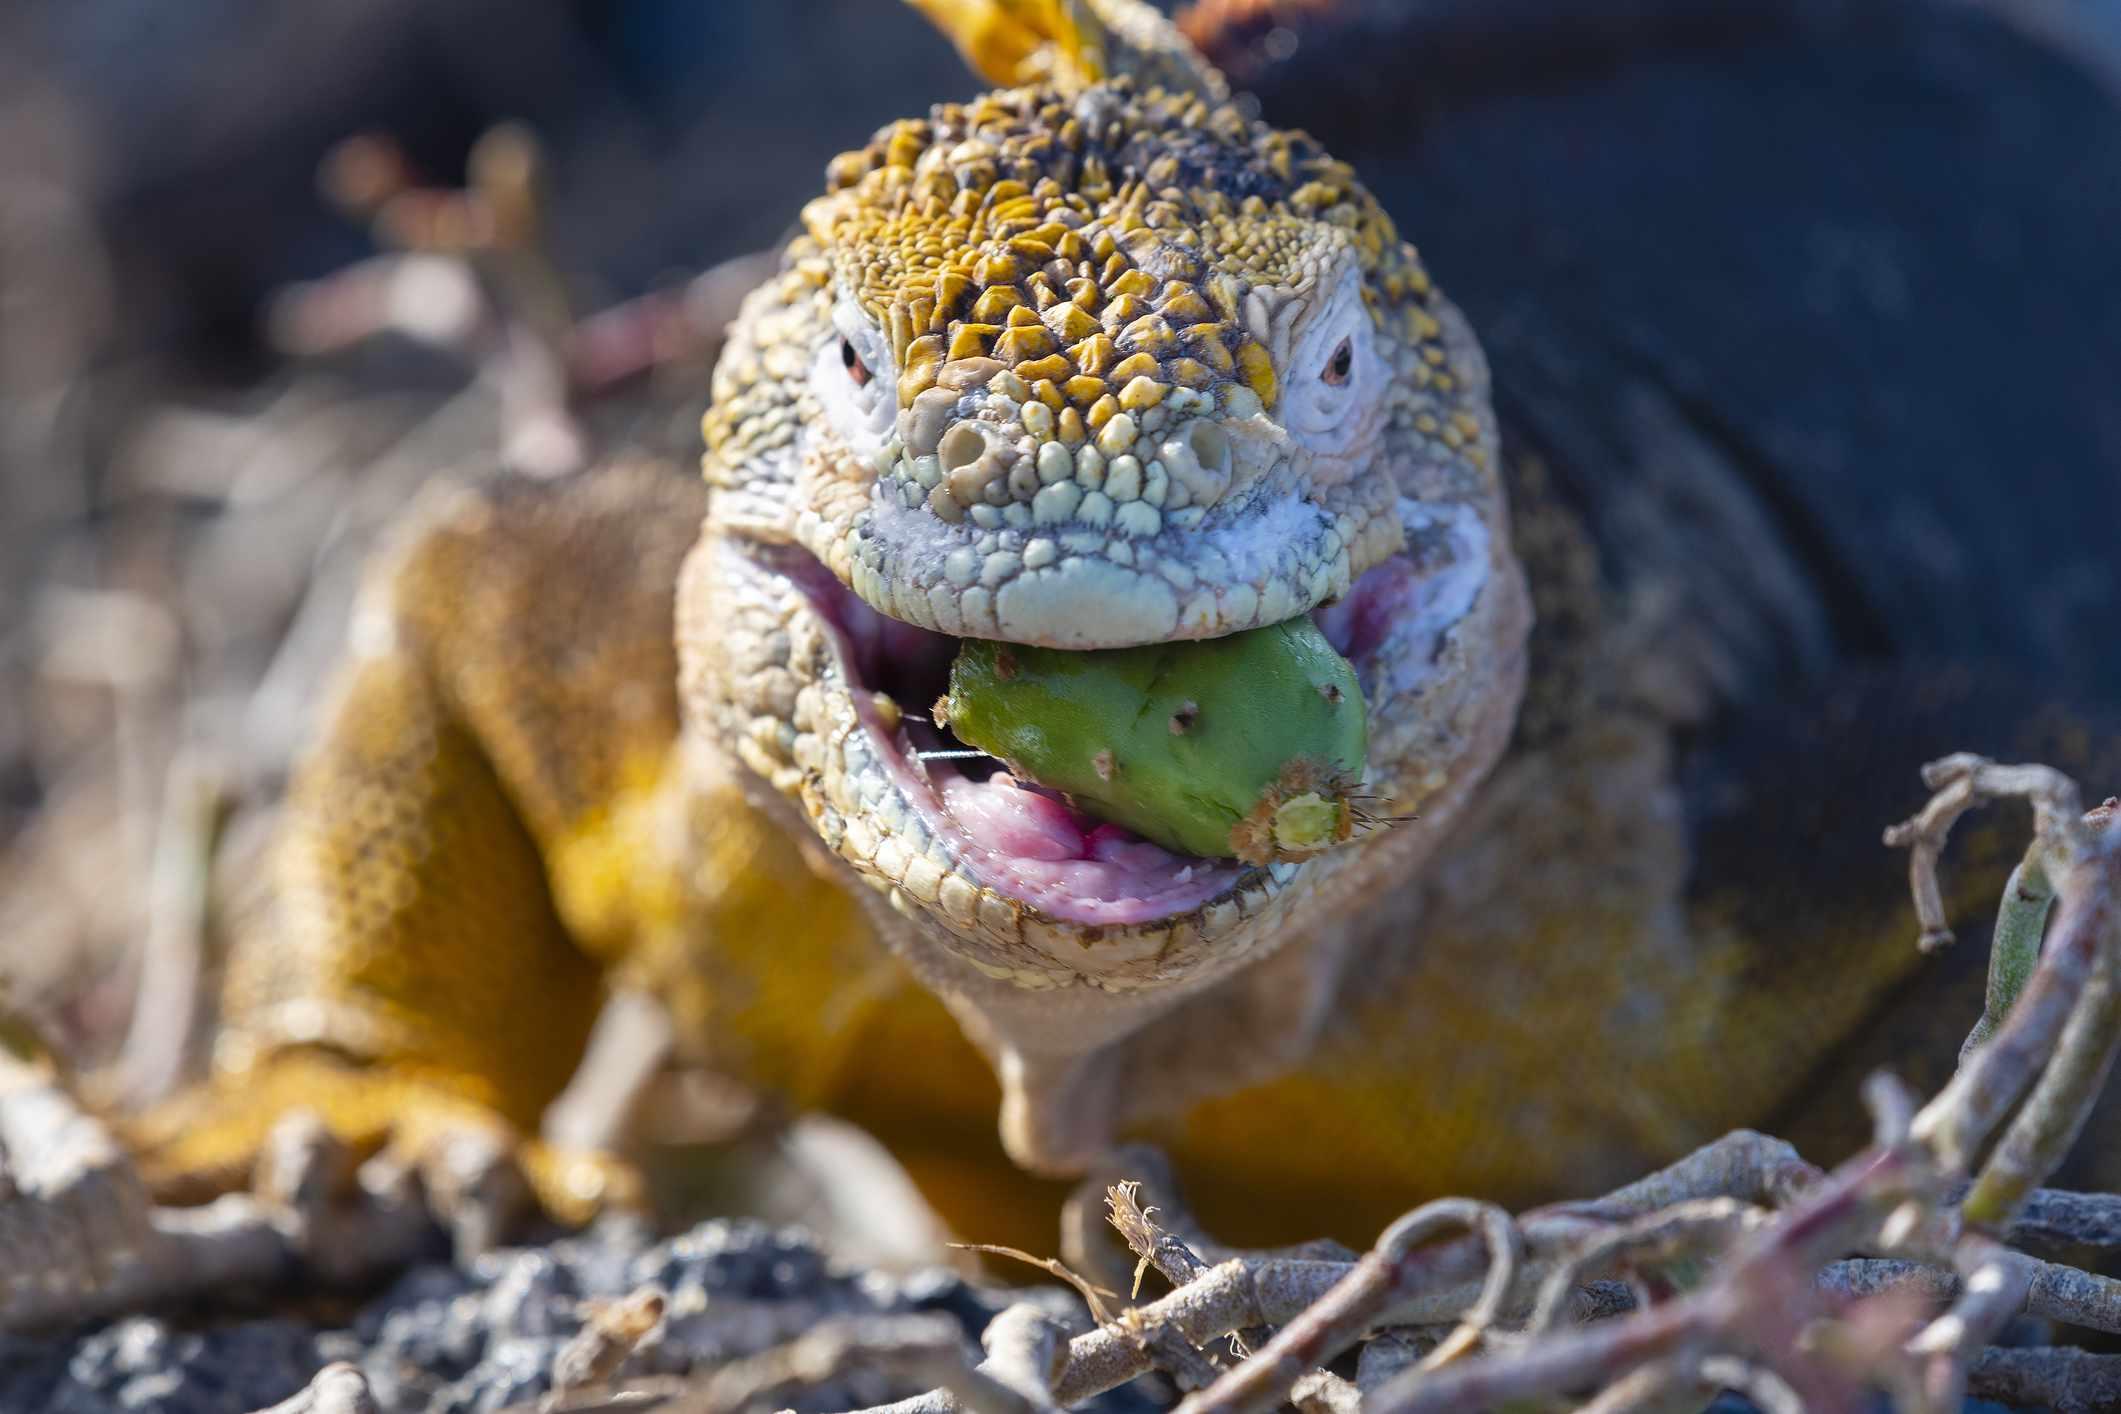 A yellow Galapagos land iguana eating a green cactus